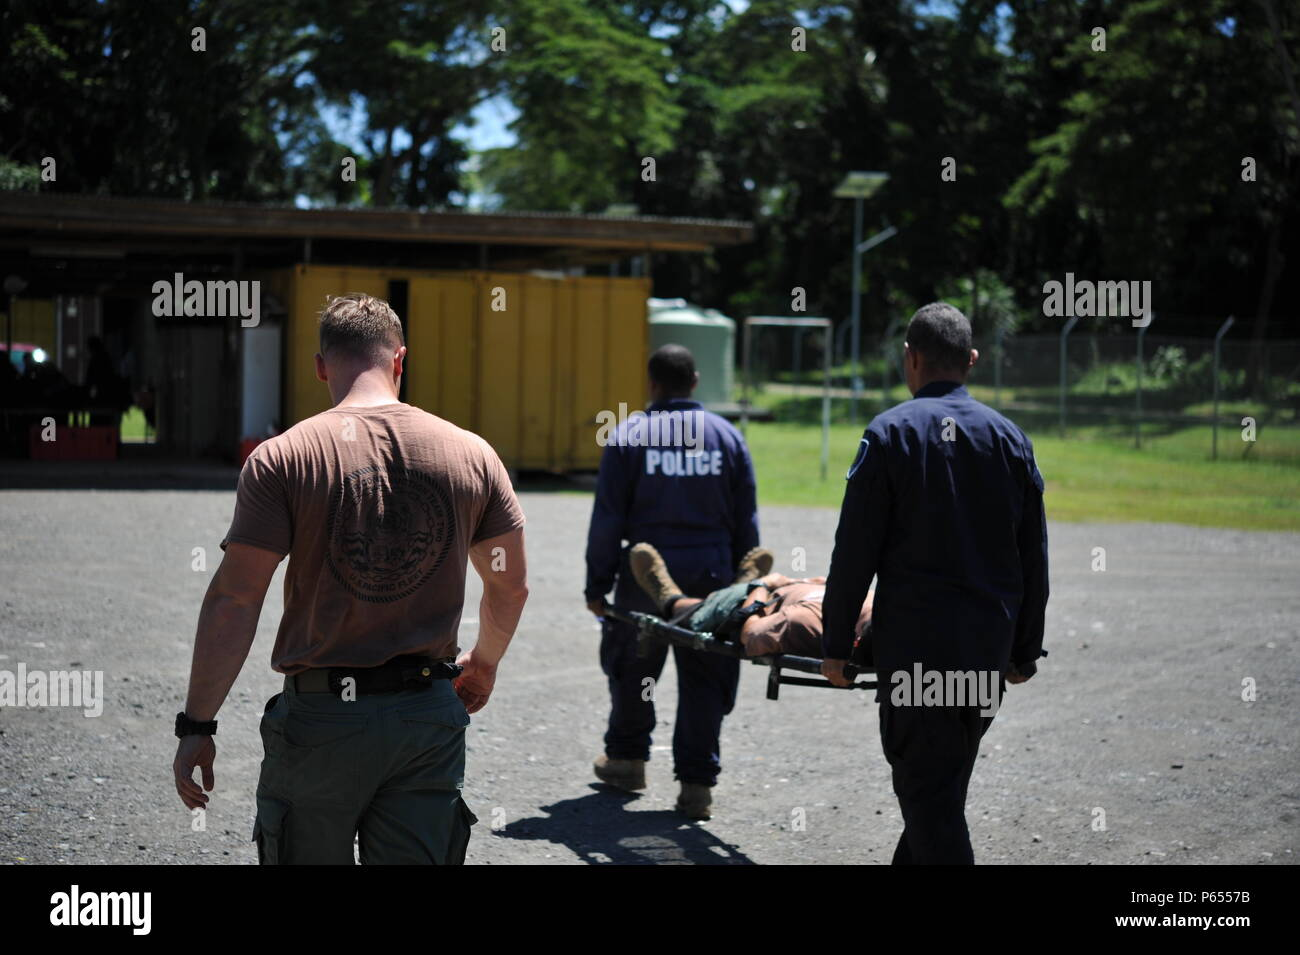 160422-N-N-0820-001 Honiara, Isole Salomone (22 aprile 2016) - Ospedale Corpsman 1a classe James Aldridge, assegnato alla costruzione subacquea Team (UCT) 2, dimostra il corretto supporto di lettiera procedure con Royal Isola Salomone forza di polizia (RSIPF) personale. UCT 2's costruzione Dive distacco Alfa (CDDA) sta conducendo un esperto in materia di scambio con il RSIPF l'eliminazione degli ordigni esplosivi (EOD) Unità su come mantenere correttamente attrezzature di immersione, come parte della miniera umanitario programma di azione. CDDA è sulla quarta tappa della loro distribuzione, dove stanno conducendo ispezione, maintena Immagini Stock